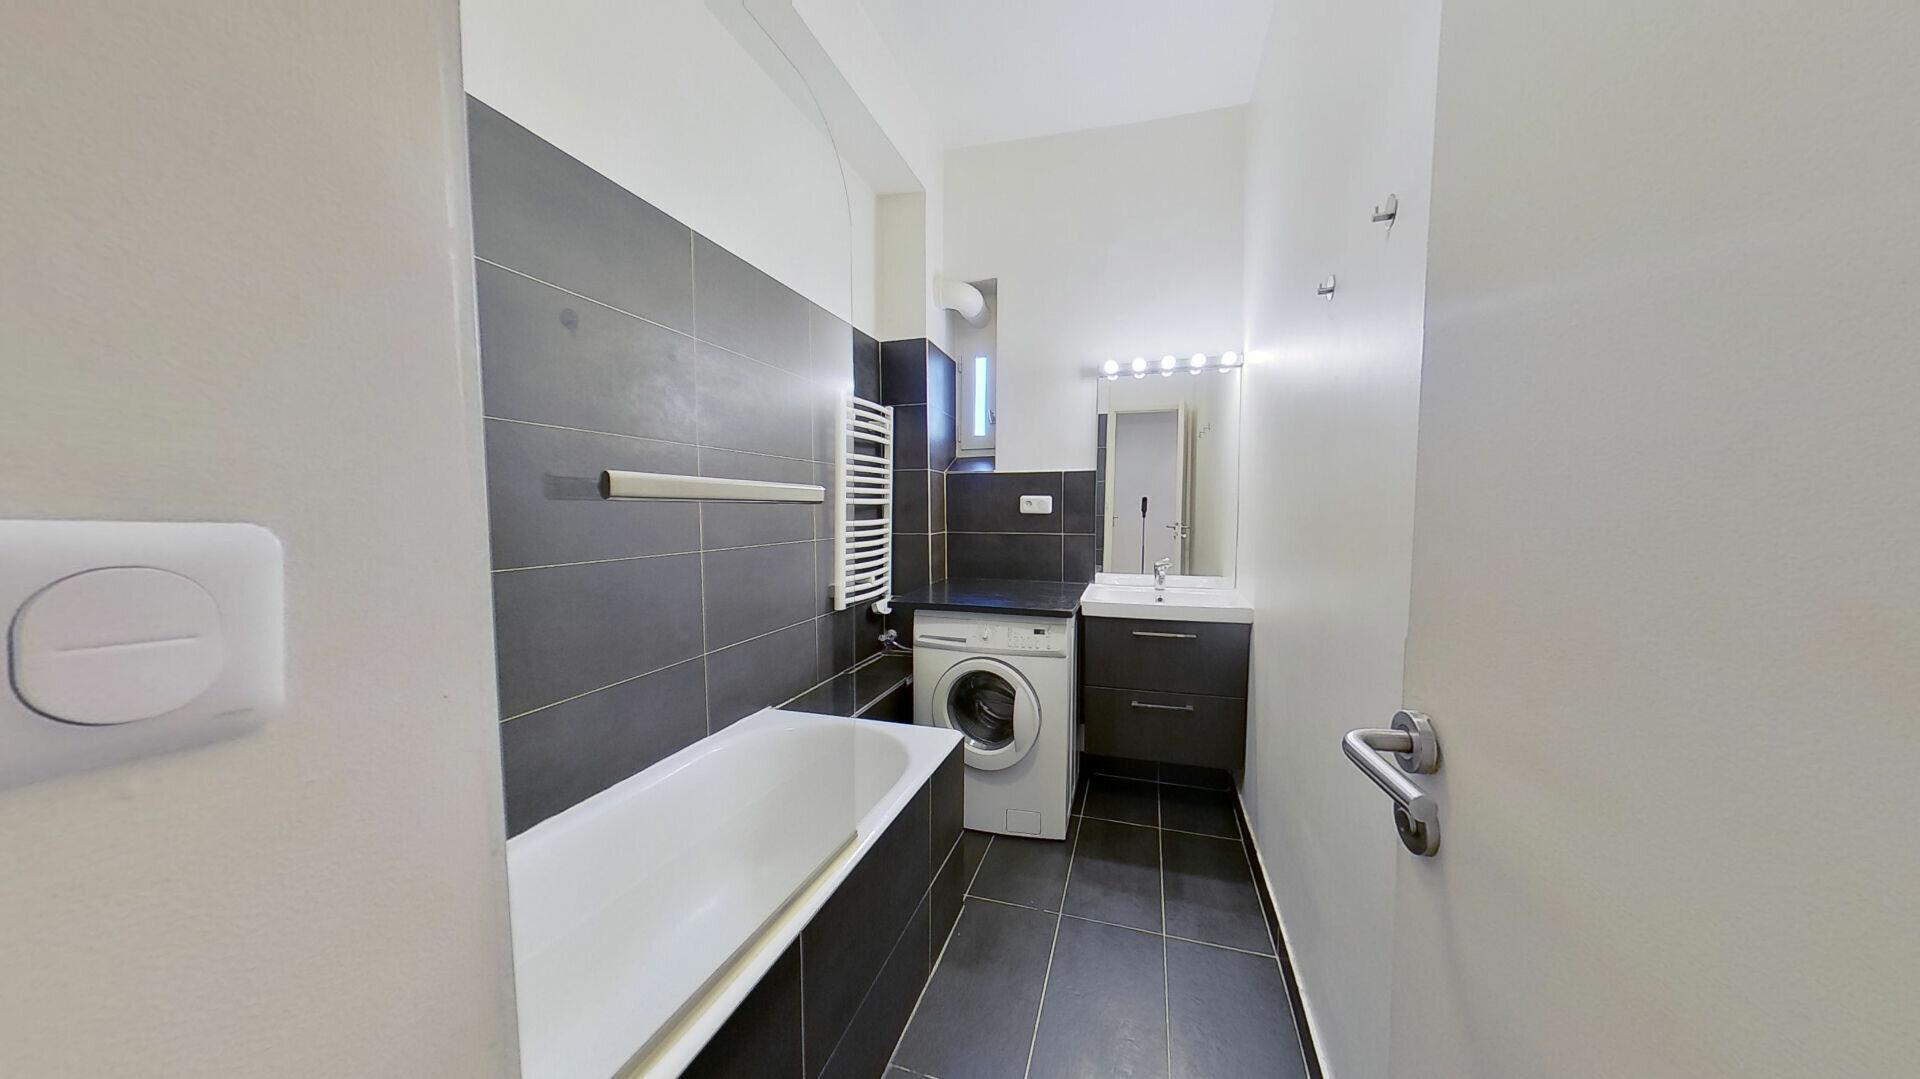 Appartement à louer 3 58m2 à Lyon 6 vignette-6